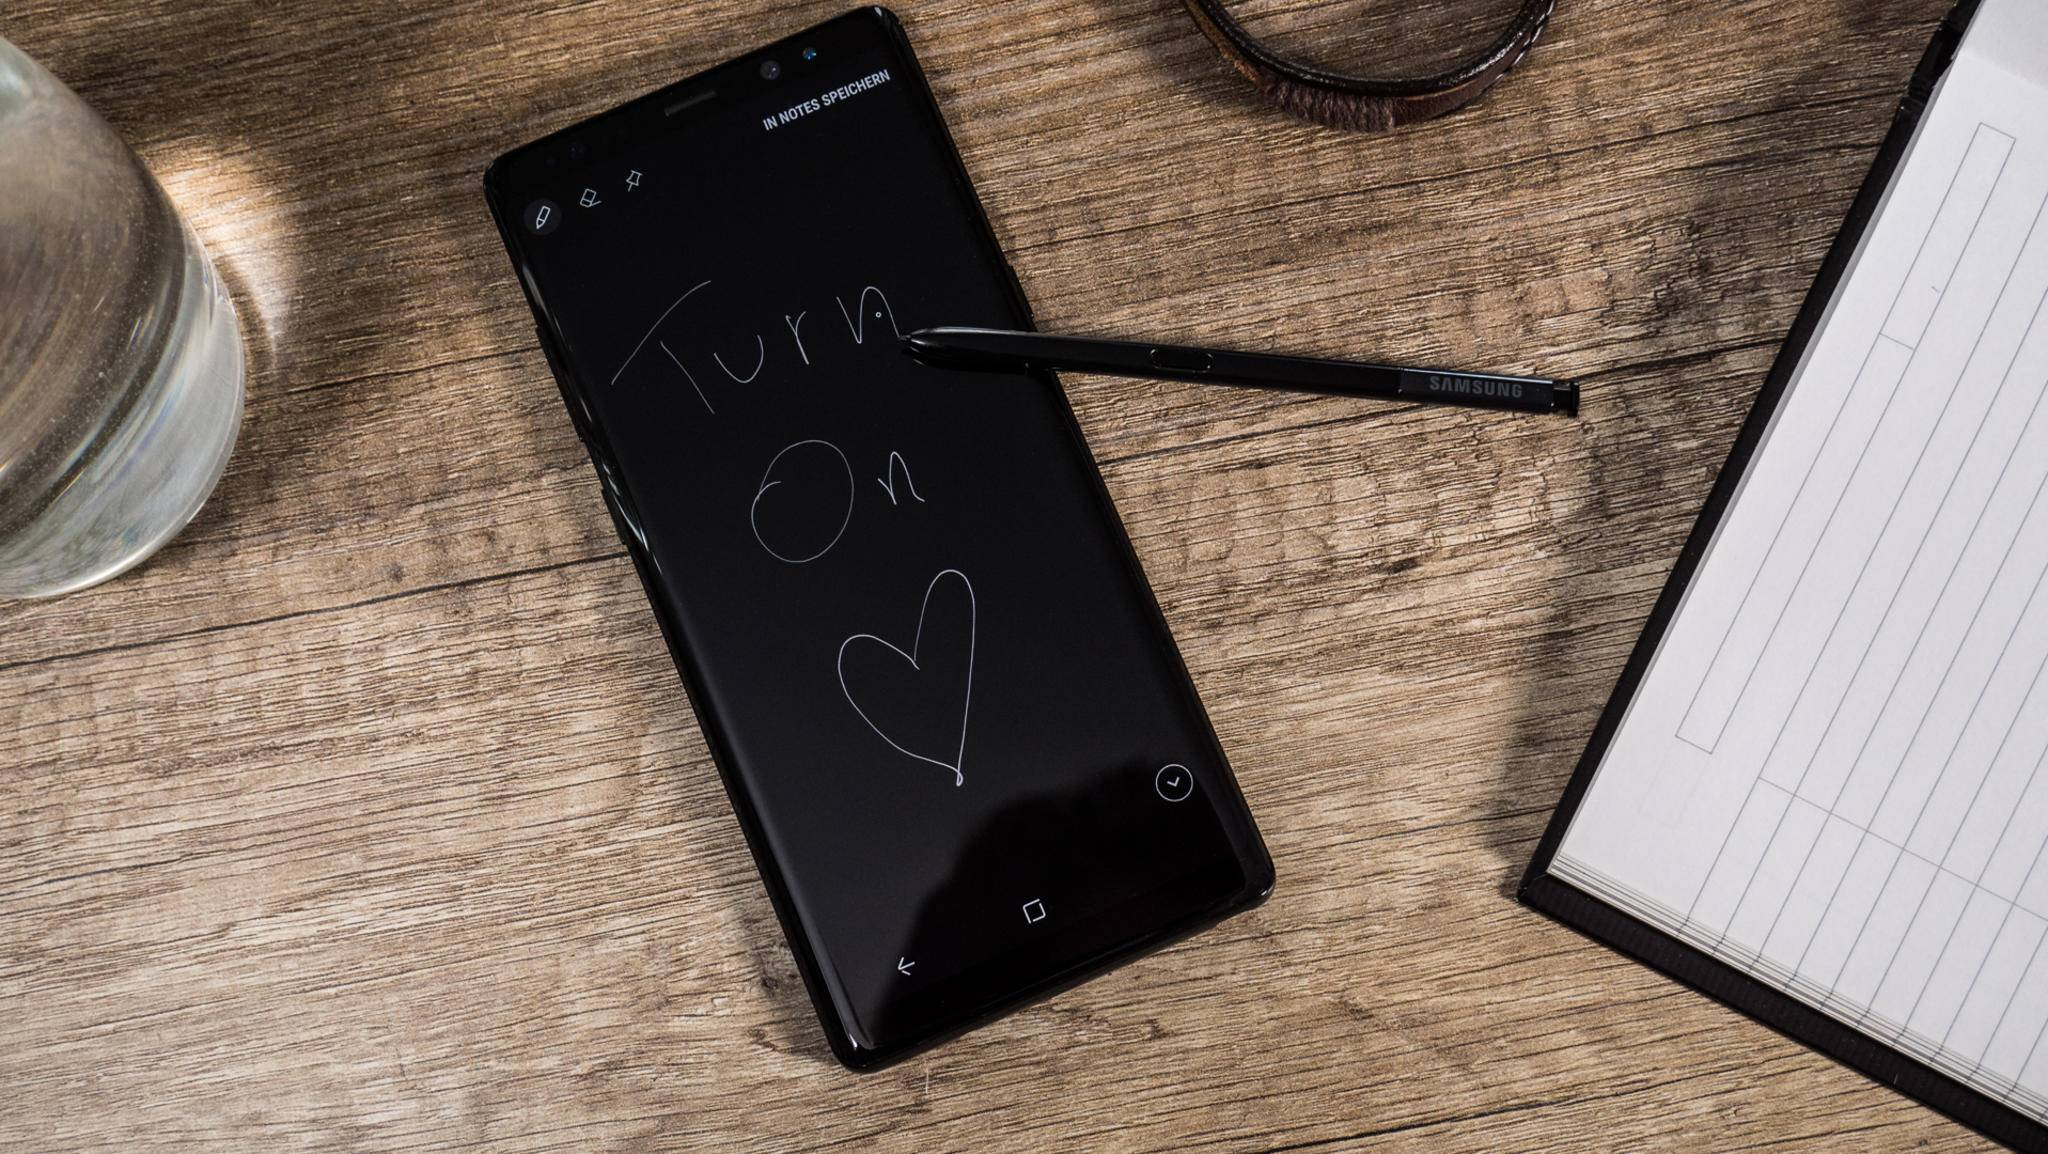 Auf dem Always-on-Display des Galaxy Note 9 lassen sich sogar Notizen schreiben.